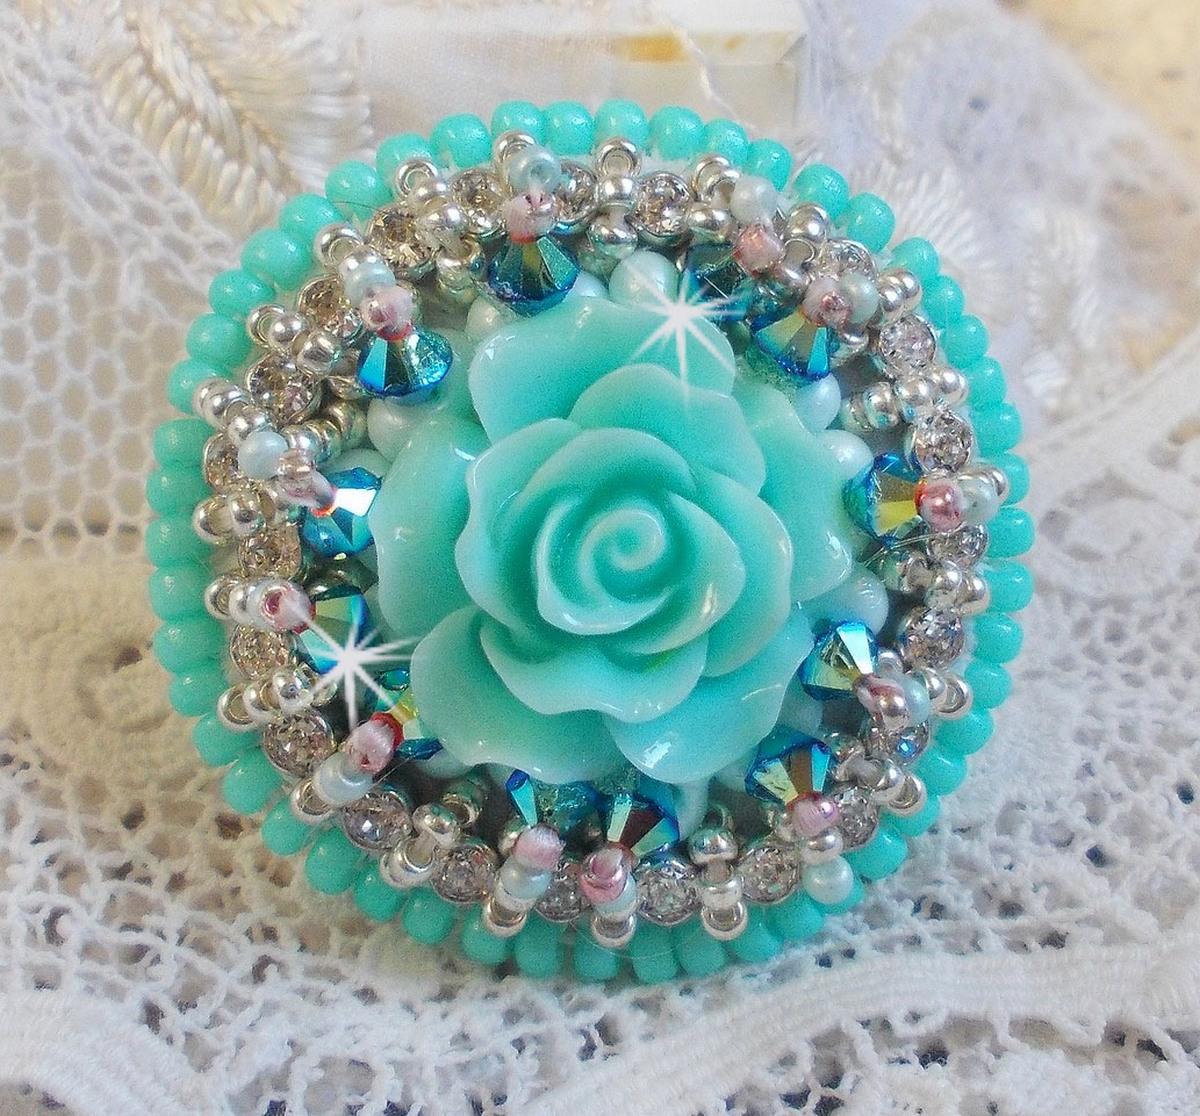 Bague Haute-Couture Blue Flowers avec ces belles perles